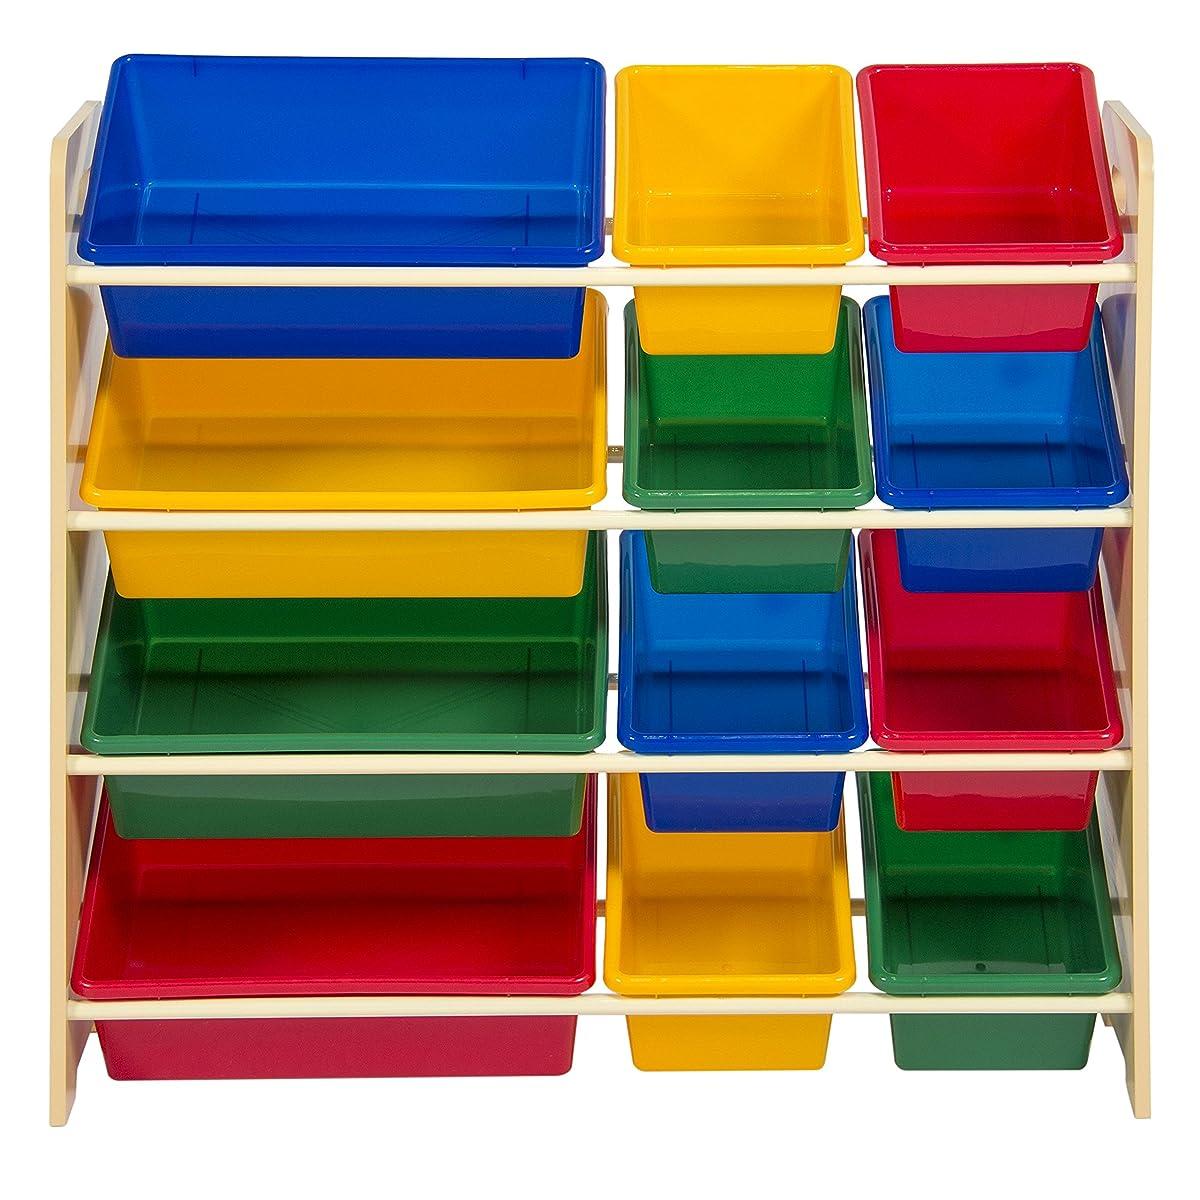 Childrens Animals Storage Box Chest 3 Kids Drawer Bedroom: Best Choice Products Toy Bin Organizer Kids Childrens